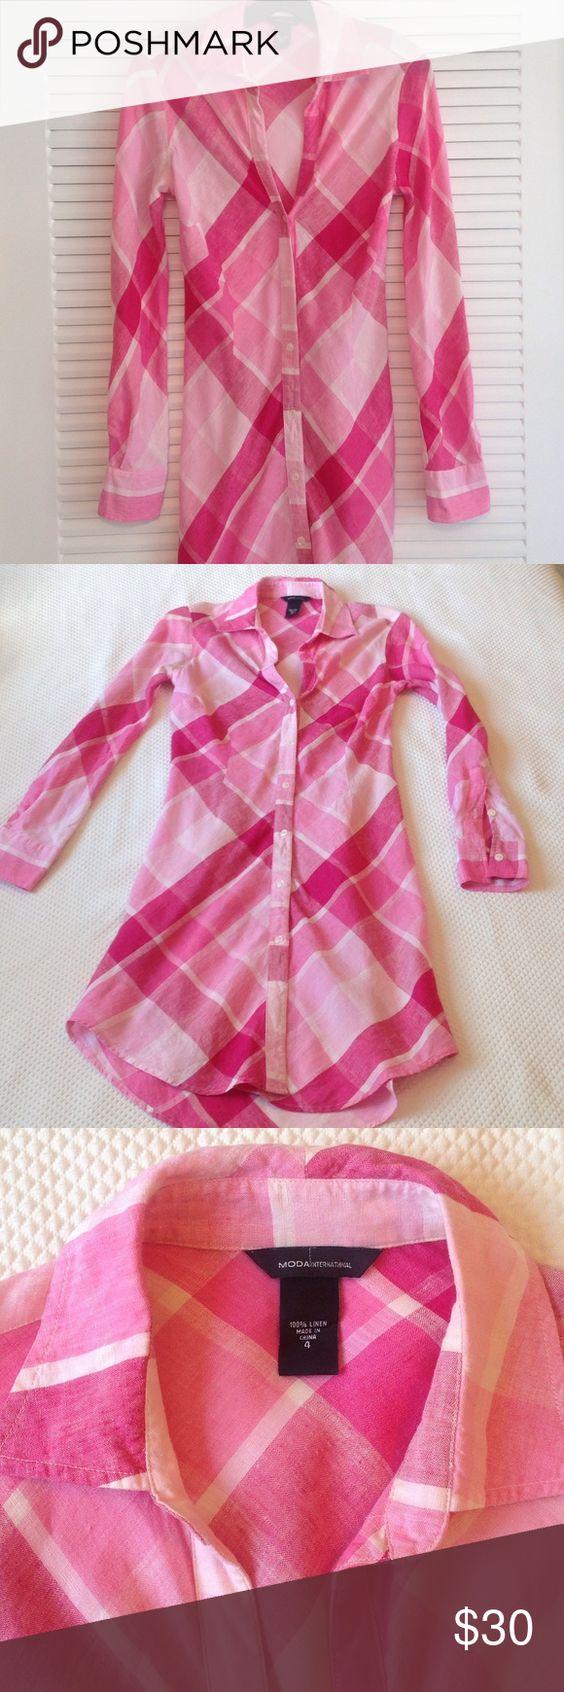 VICTORIA SECRET DRESS. 100% linen. Size 4. Length 38 inches. Waist 15 inches. Victoria's Secret Dresses